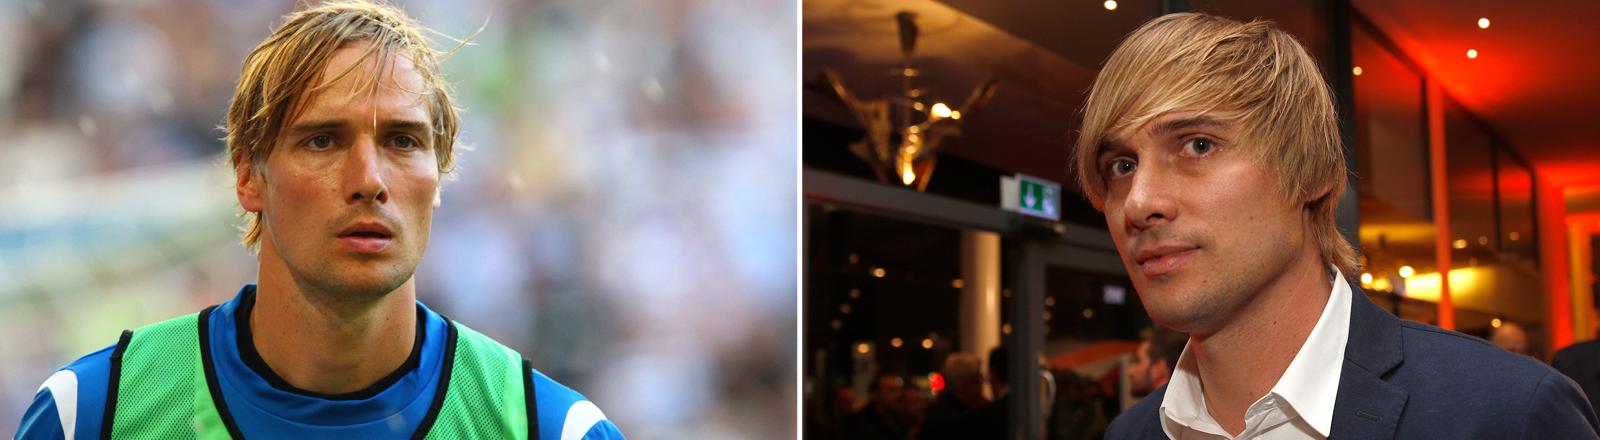 """Martin Amedick bei der Film-Preview von """"Robert Enke - auch Helden haben Depressionen"""" und in seiner aktiven Zeit als Fußball-Profi."""